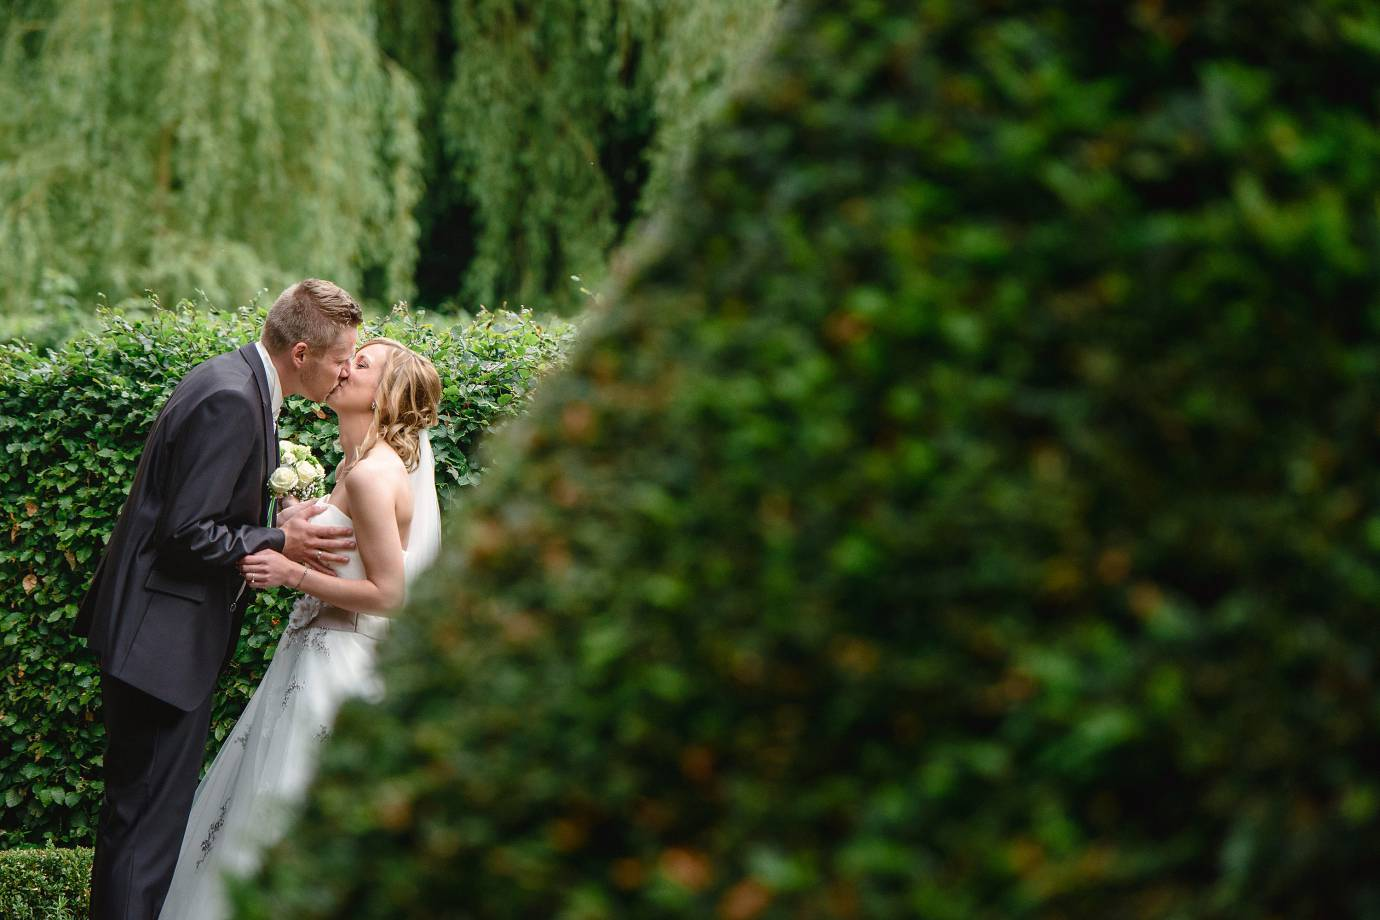 hochzeitsfotograf vegesack 109 - Sarah+Timo